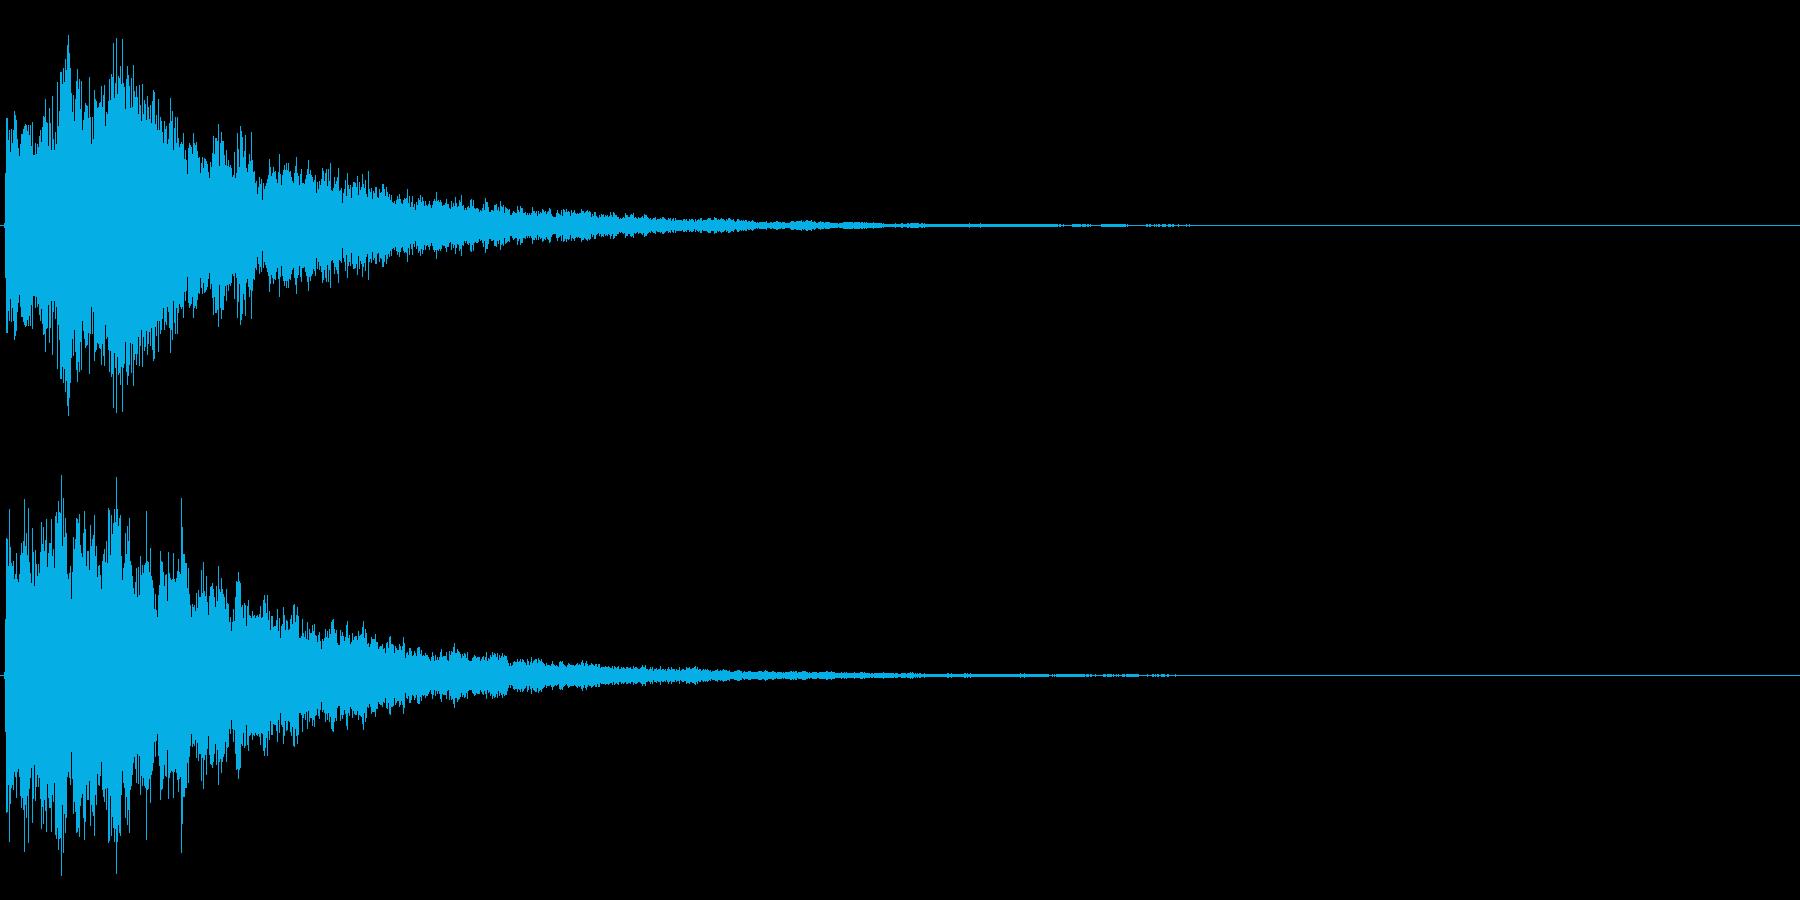 ゲームスタート、決定、ボタン音-036の再生済みの波形